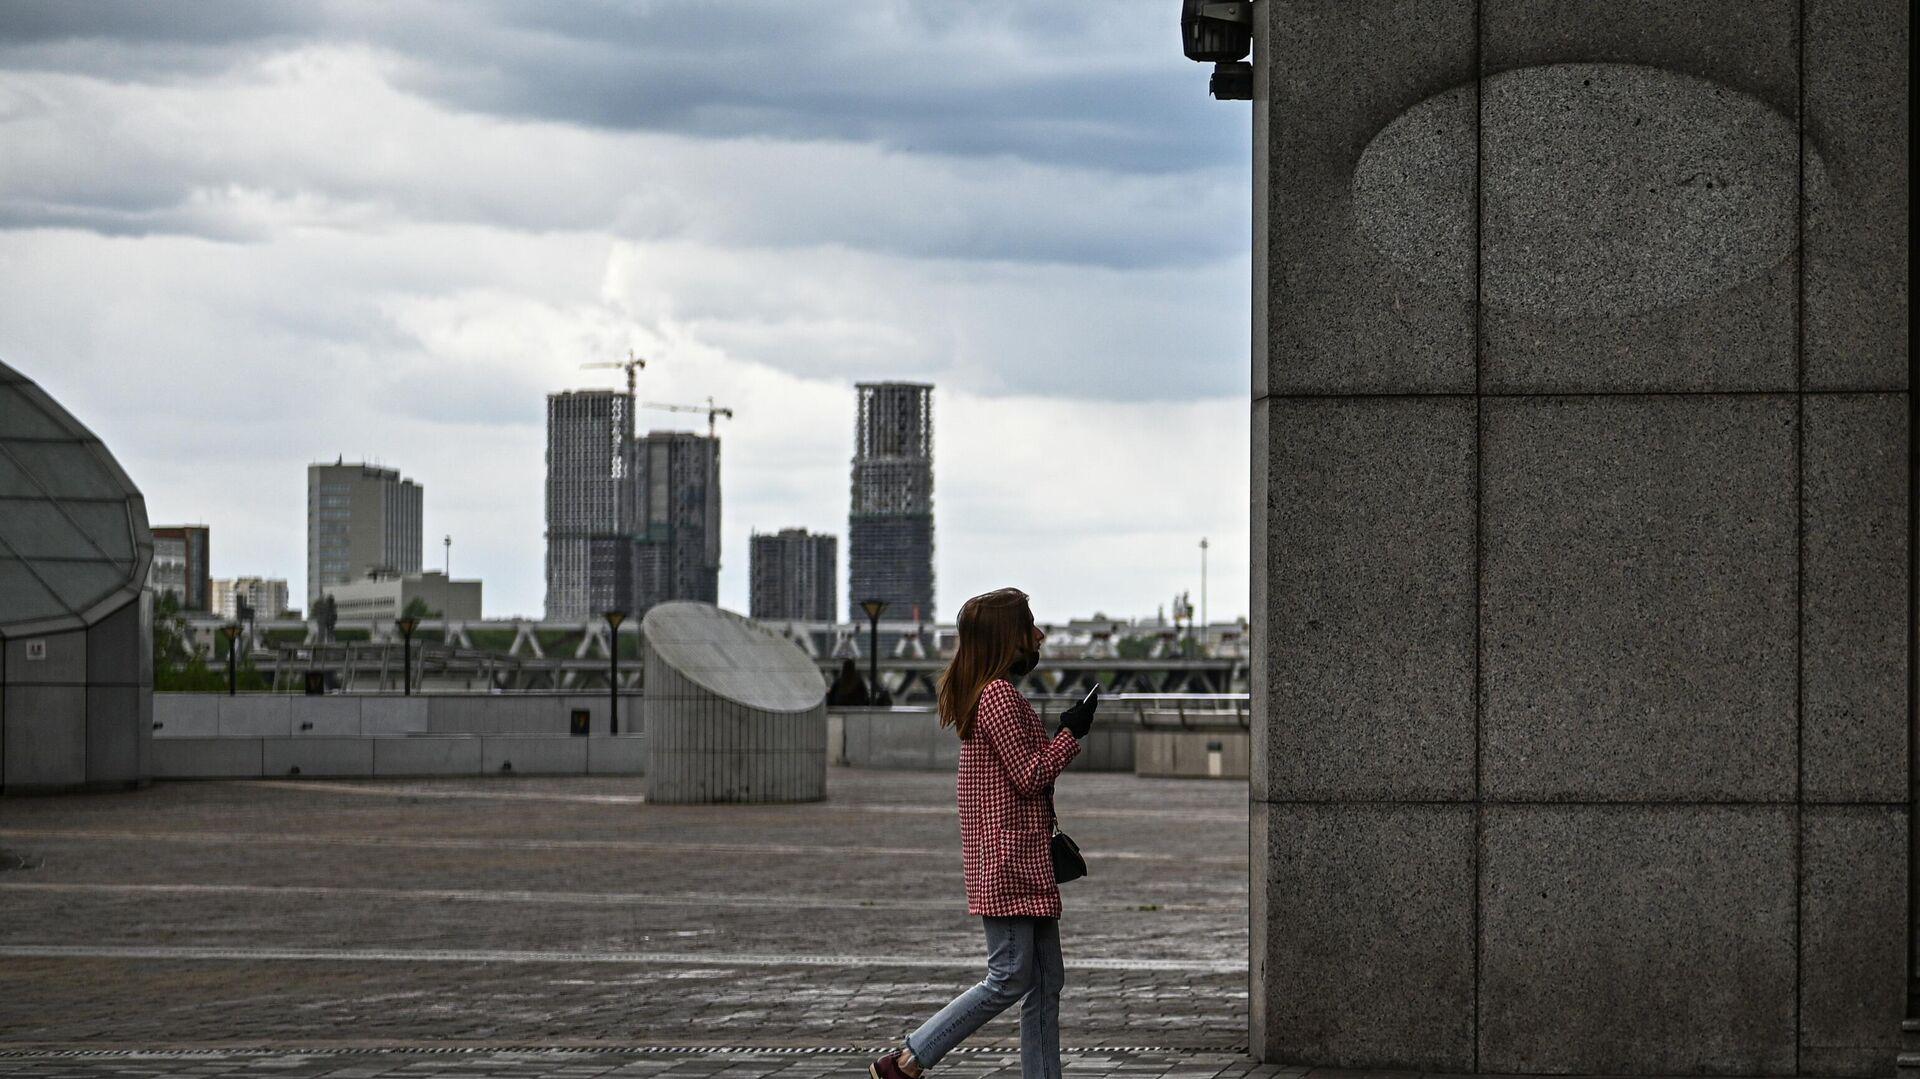 Девушка на торгово-пешеходном мосту Багратион в Москве - РИА Новости, 1920, 12.06.2021